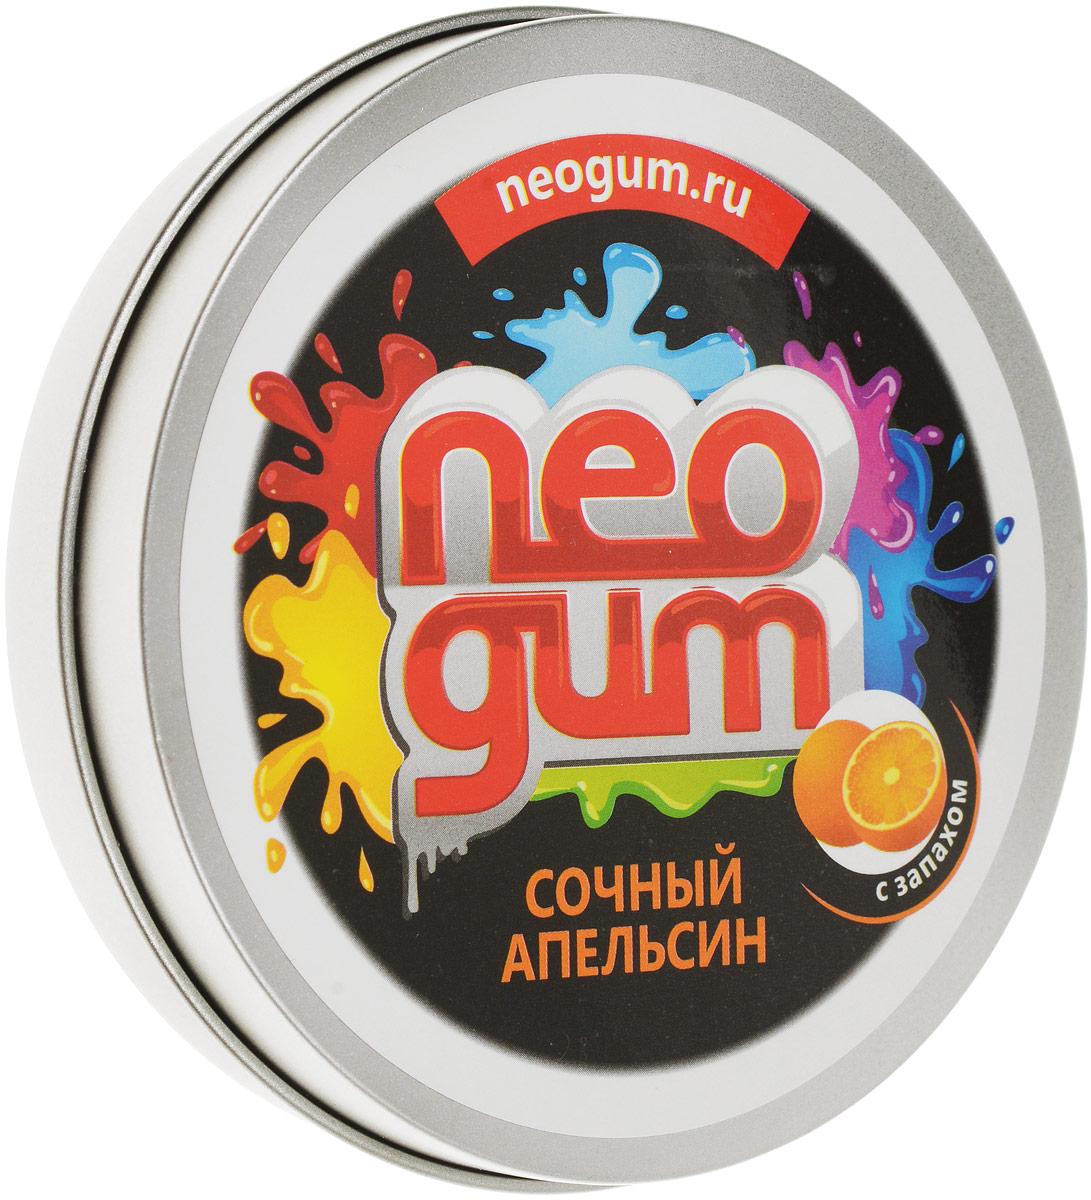 Neogum Жвачка для рук Сочный апельсин жвачка для рук жвачка для рук nanogum жвачка для рук полимер золотой металлик